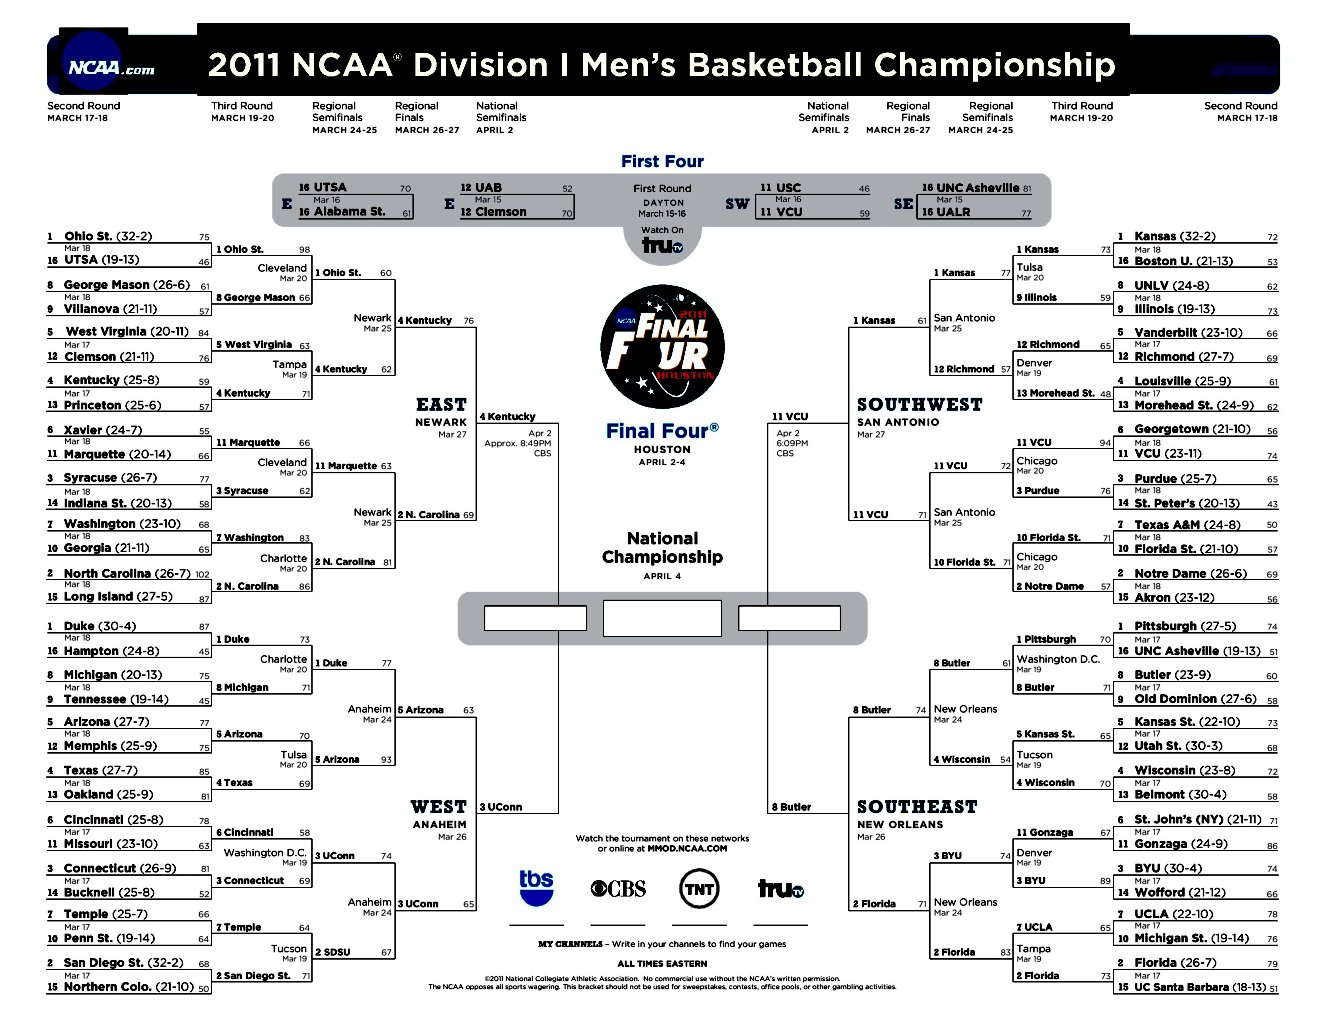 2011 NCAA Mens Bracket Update after March 27, 2011 Elite 8 Round Games